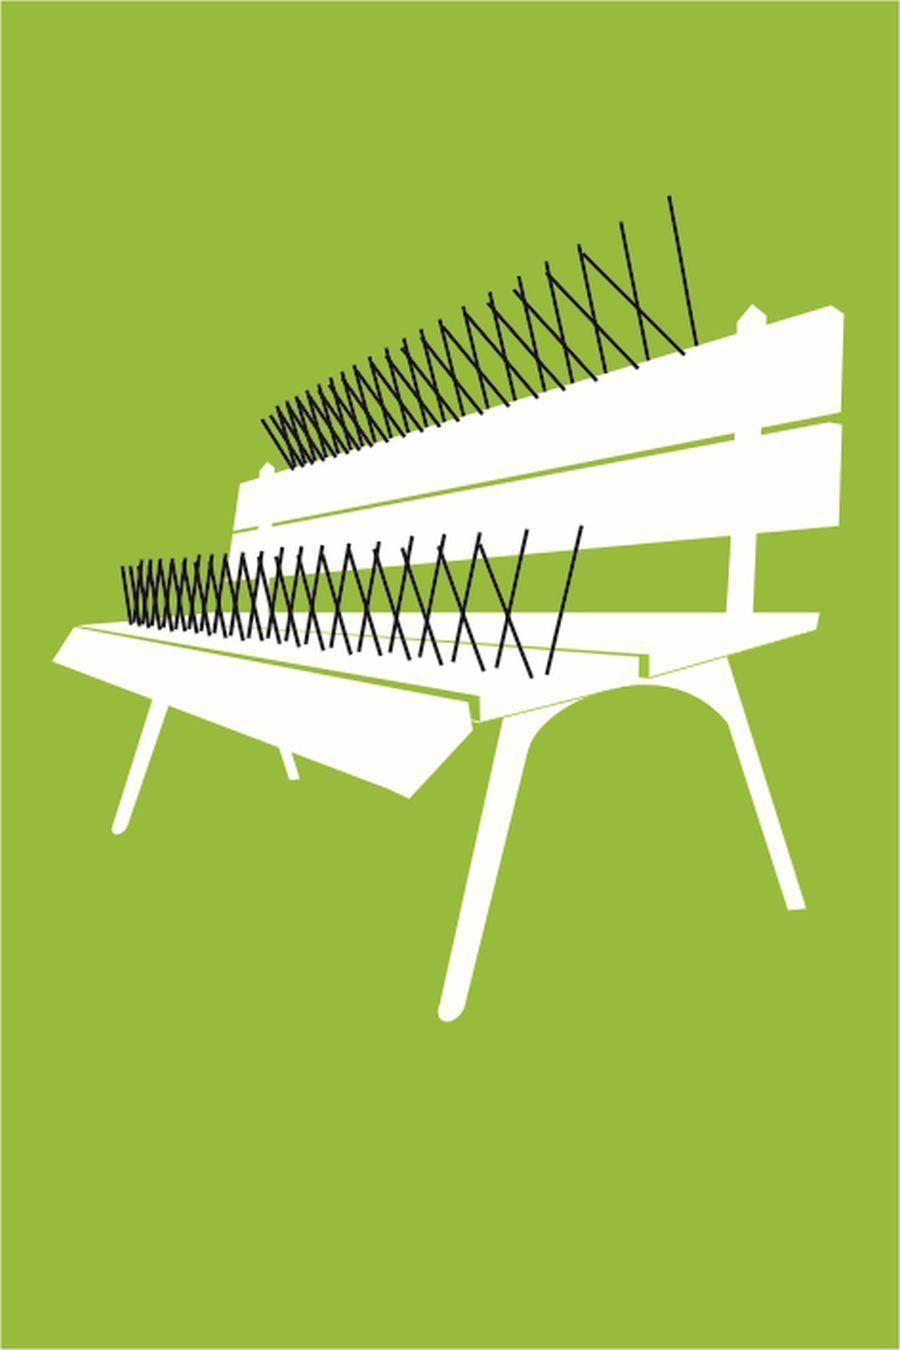 Zwycięzki plakat 'Ławka' - Adrian Gruszecki